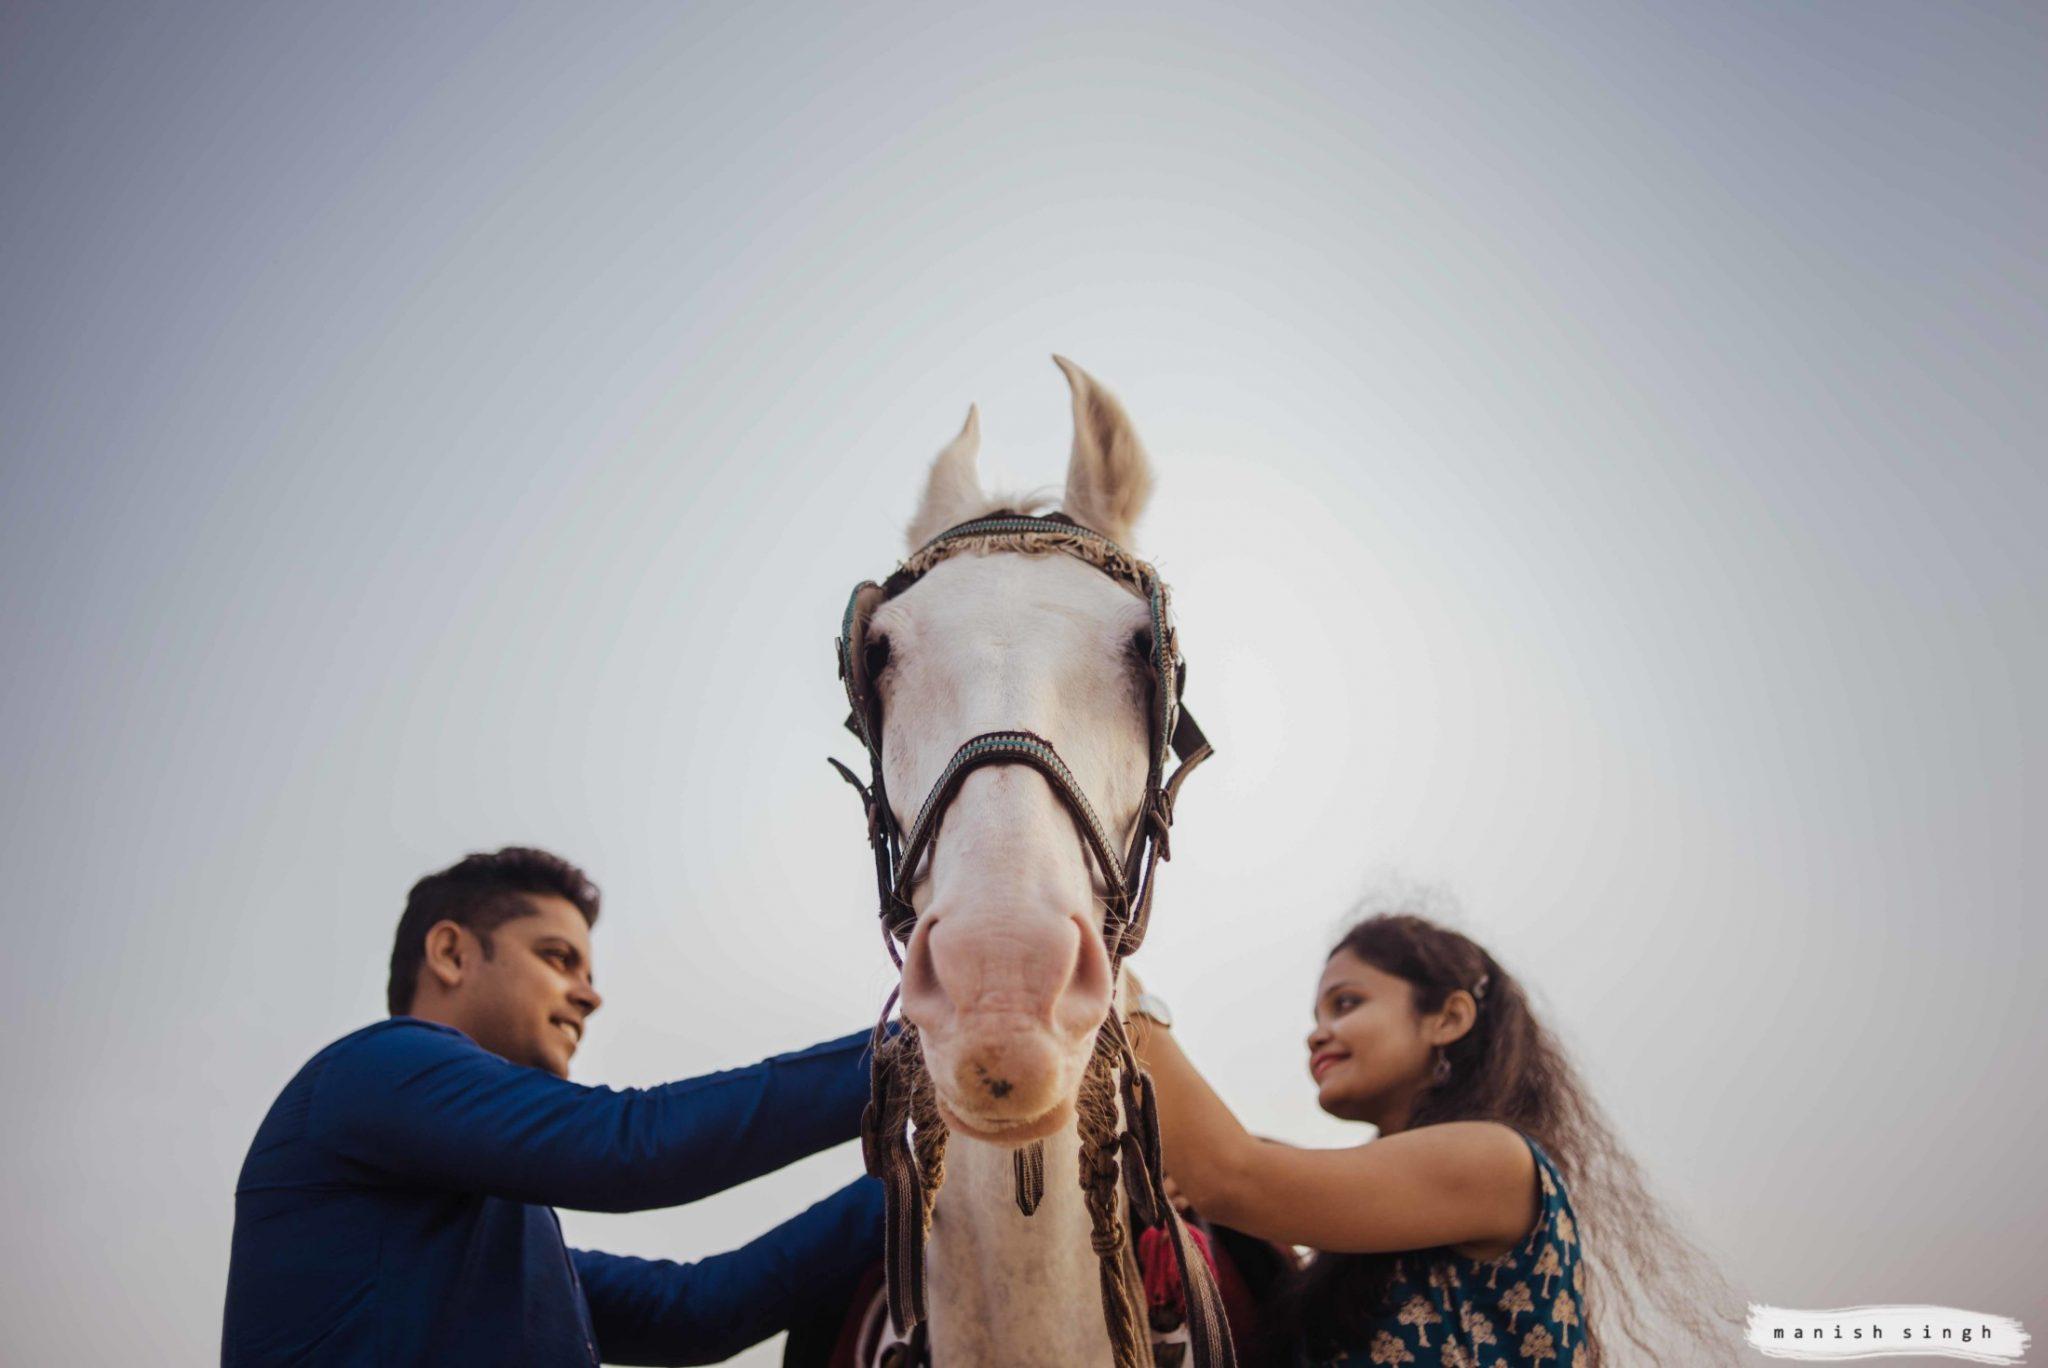 Candid Wedding Photographer Bhubaneswar Wedding Photographer Bhubaneswar Best Wedding Photographer Bhubaneswar